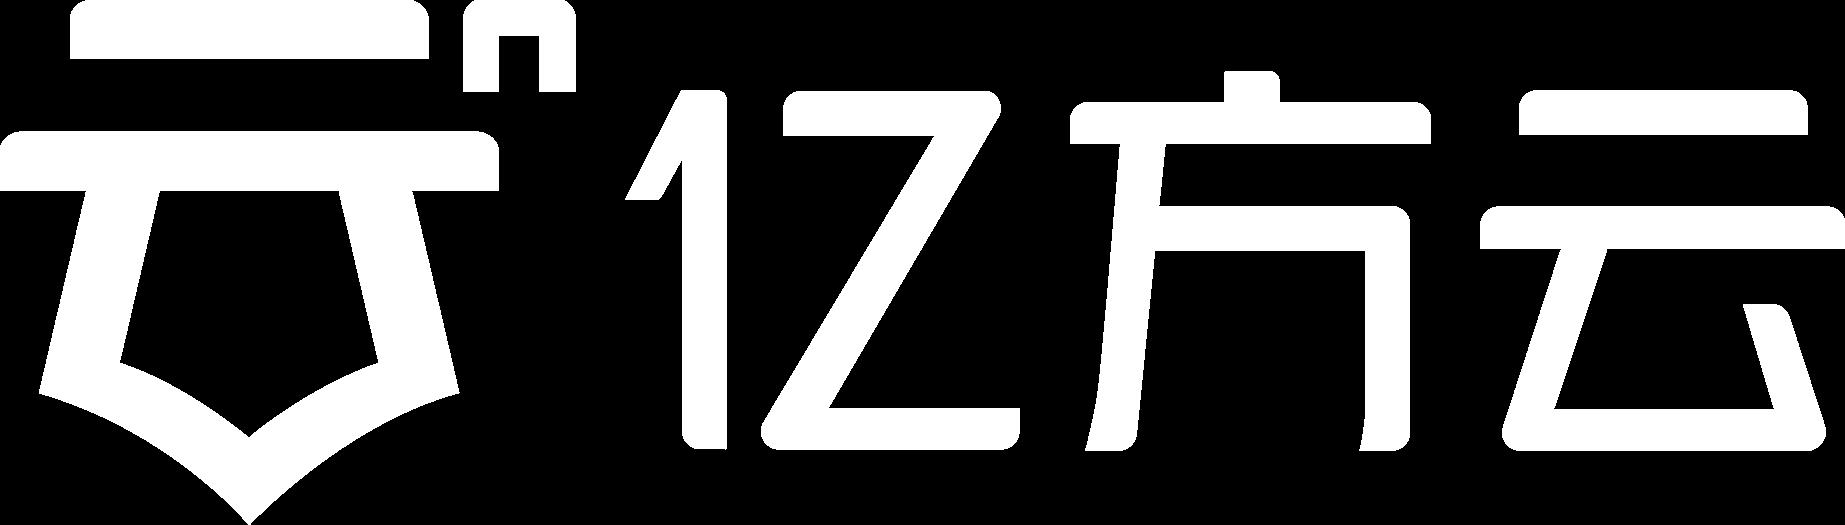 億方云企業網盤logo normal